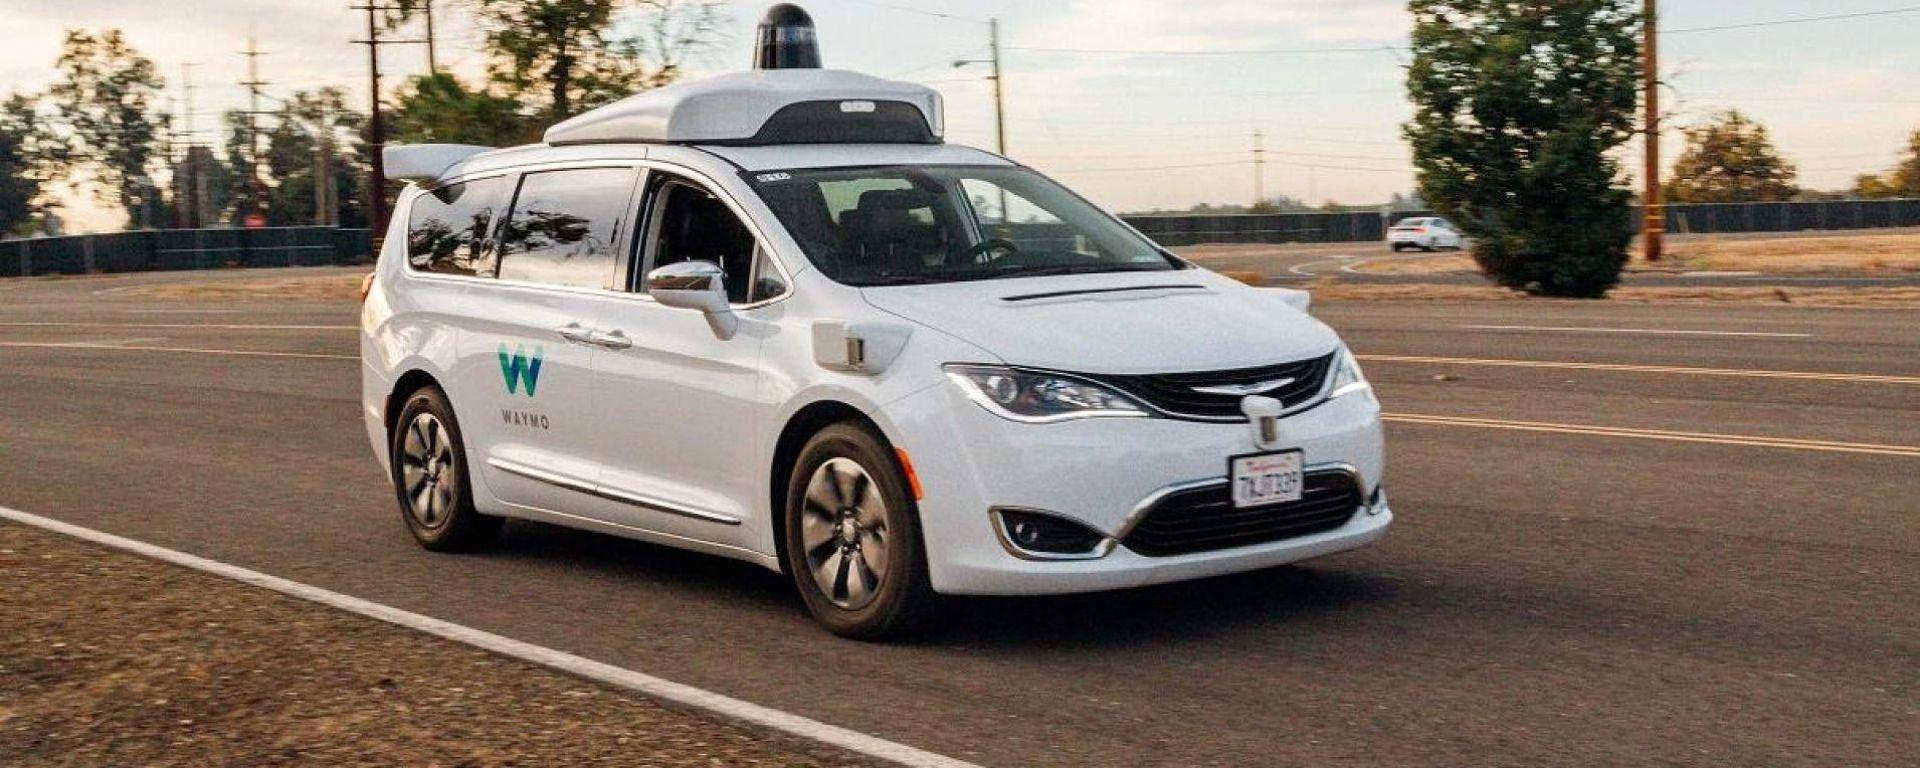 Una delle Chrysler Pacifica a guida autonoma di Waymo (Google)